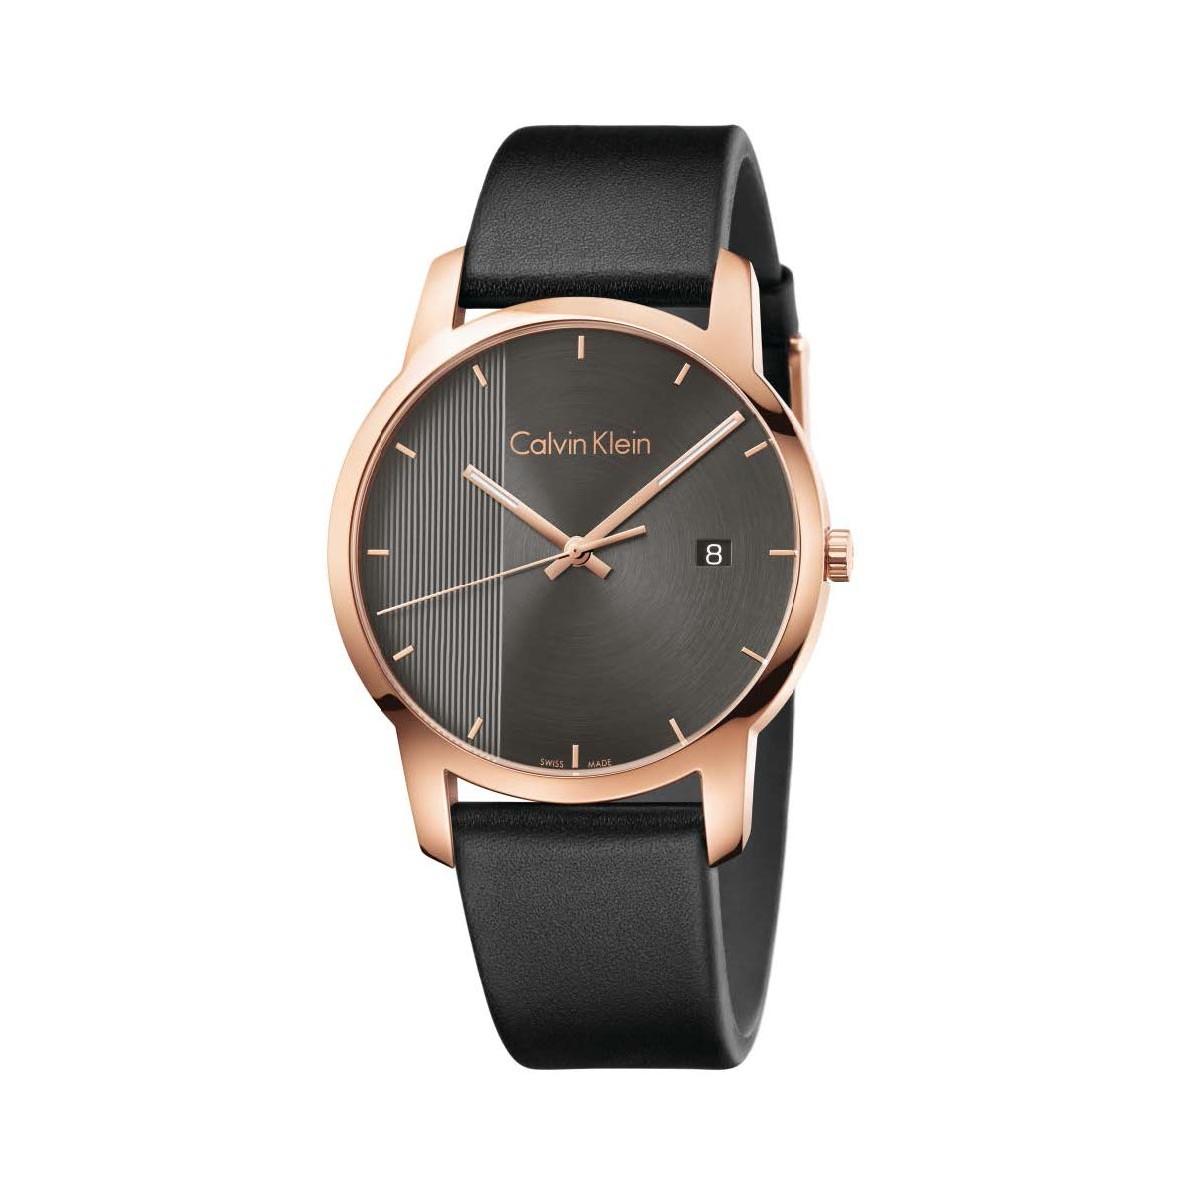 Đồng hồ Calvin Klein K2G2G6C3 Nam 43mm, Quartz (Pin), Thép không gỉ, mạ PVD